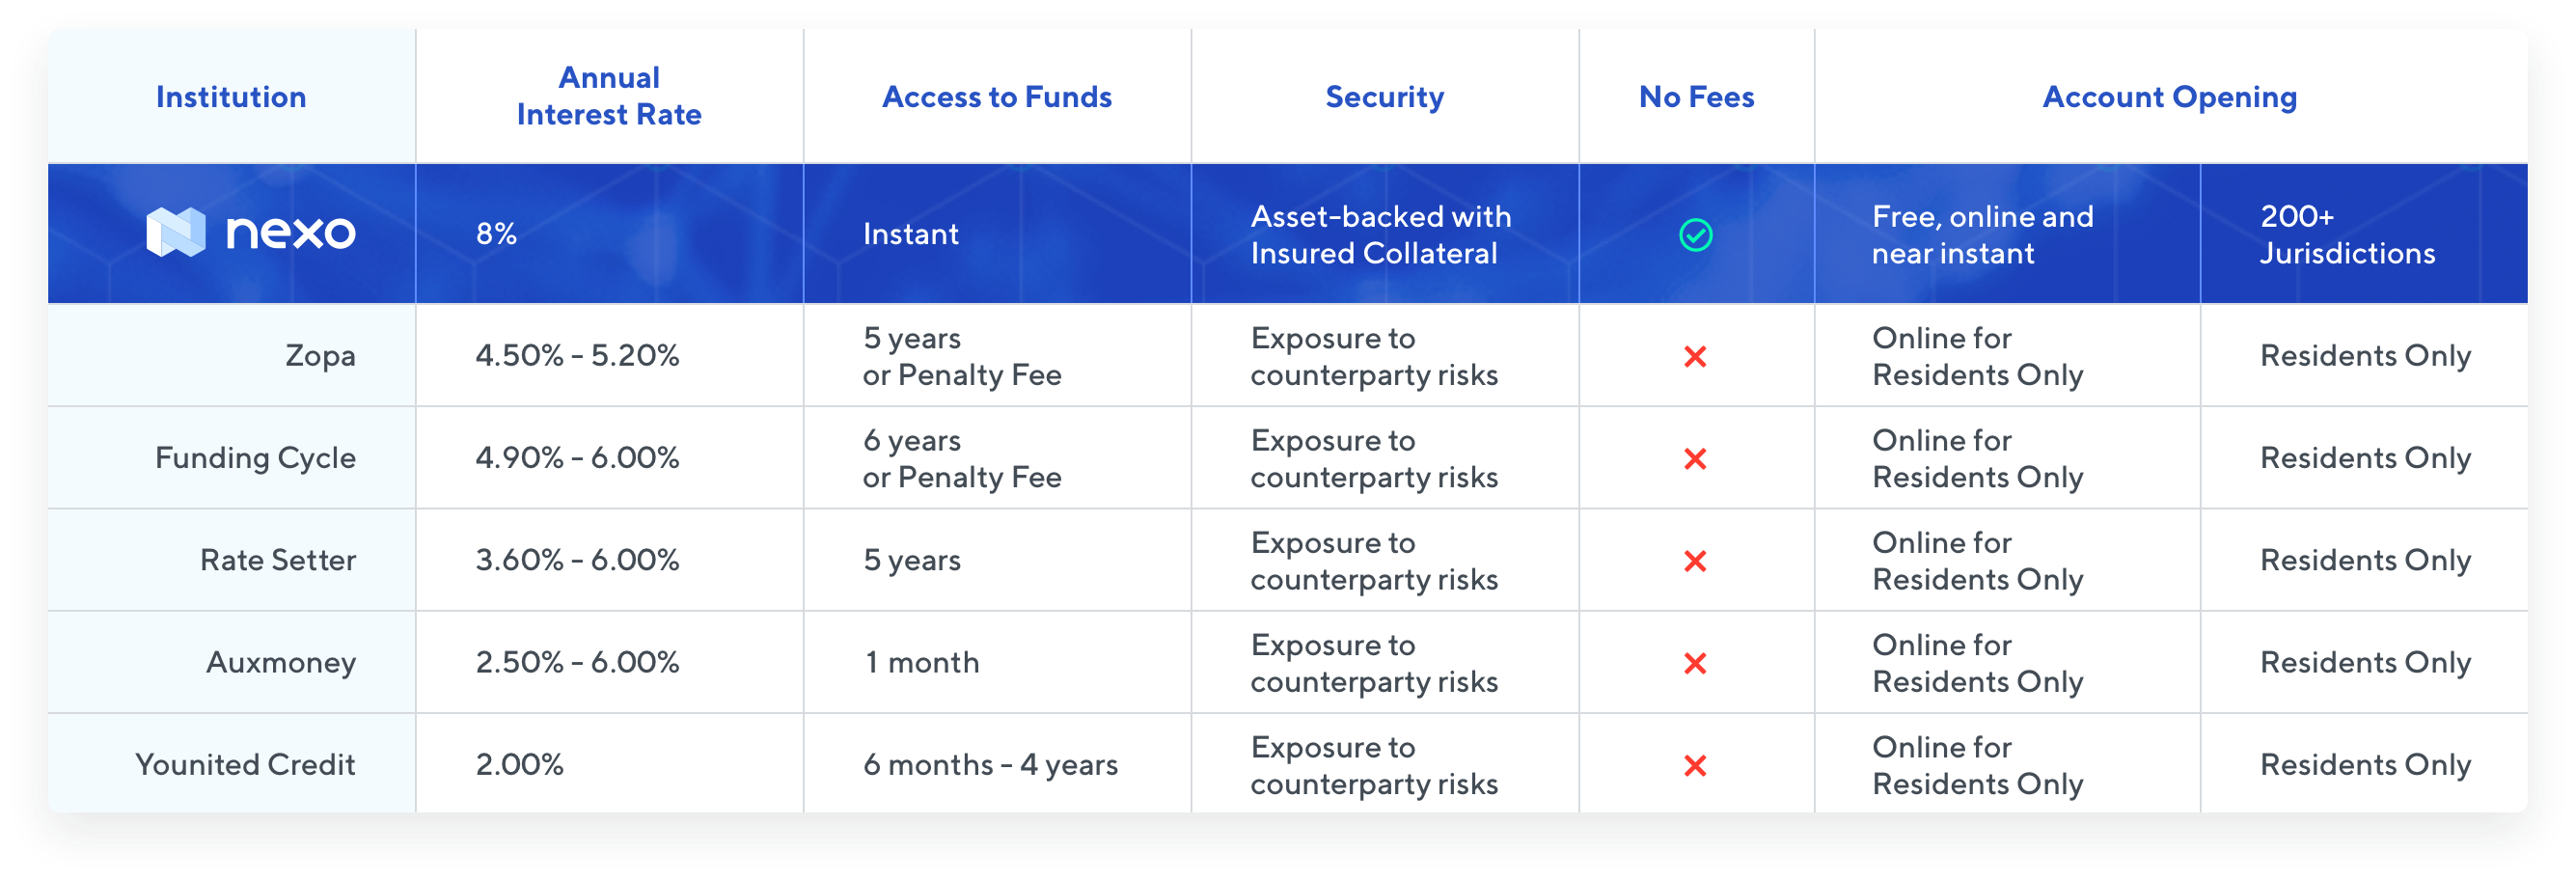 Nexo 'Earn Interest' vs. Alternative Lending Platforms